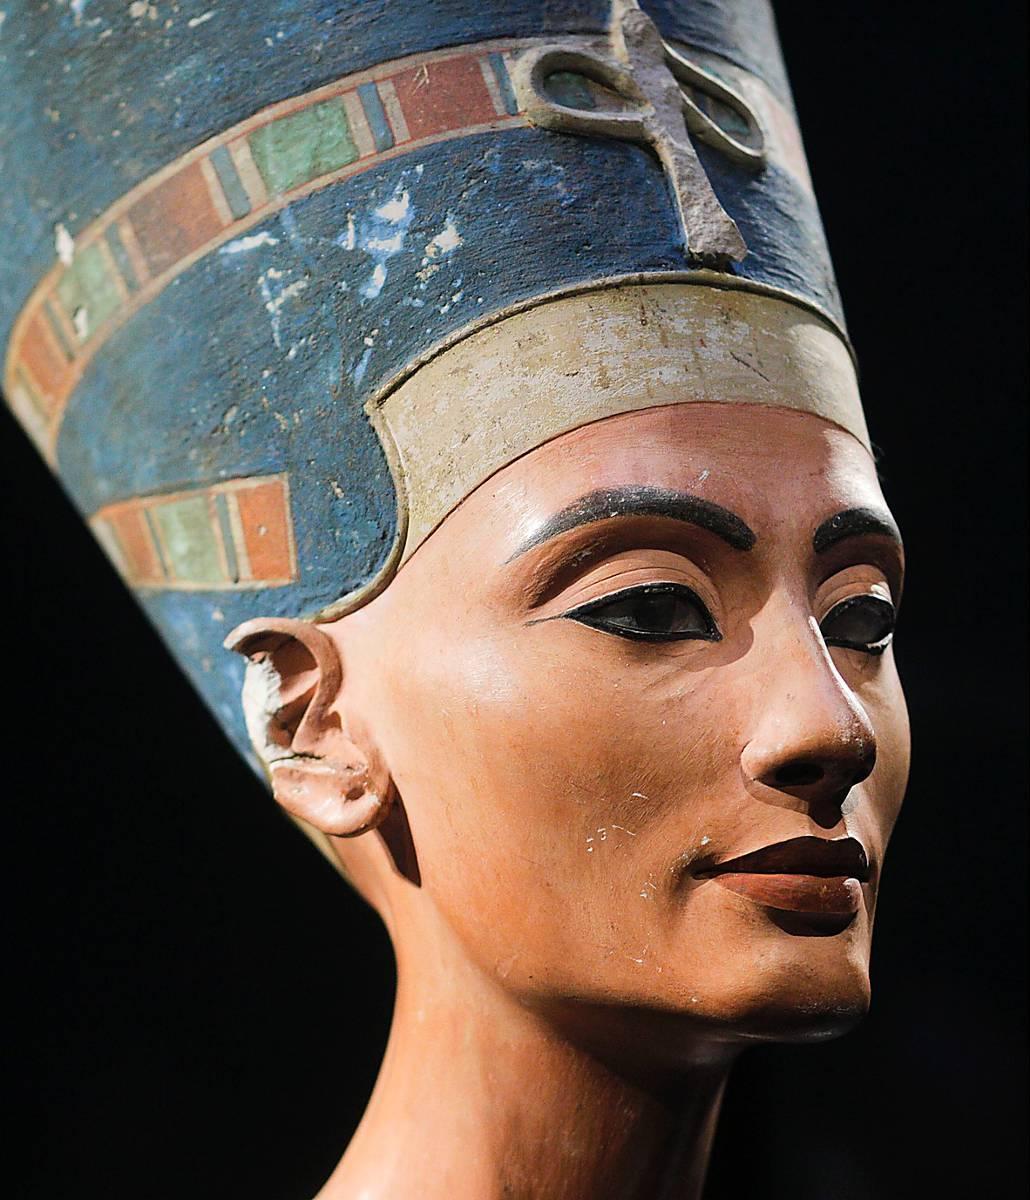 Byst av Nefertiti (född 1380 f Kr), drottning av Egypten.